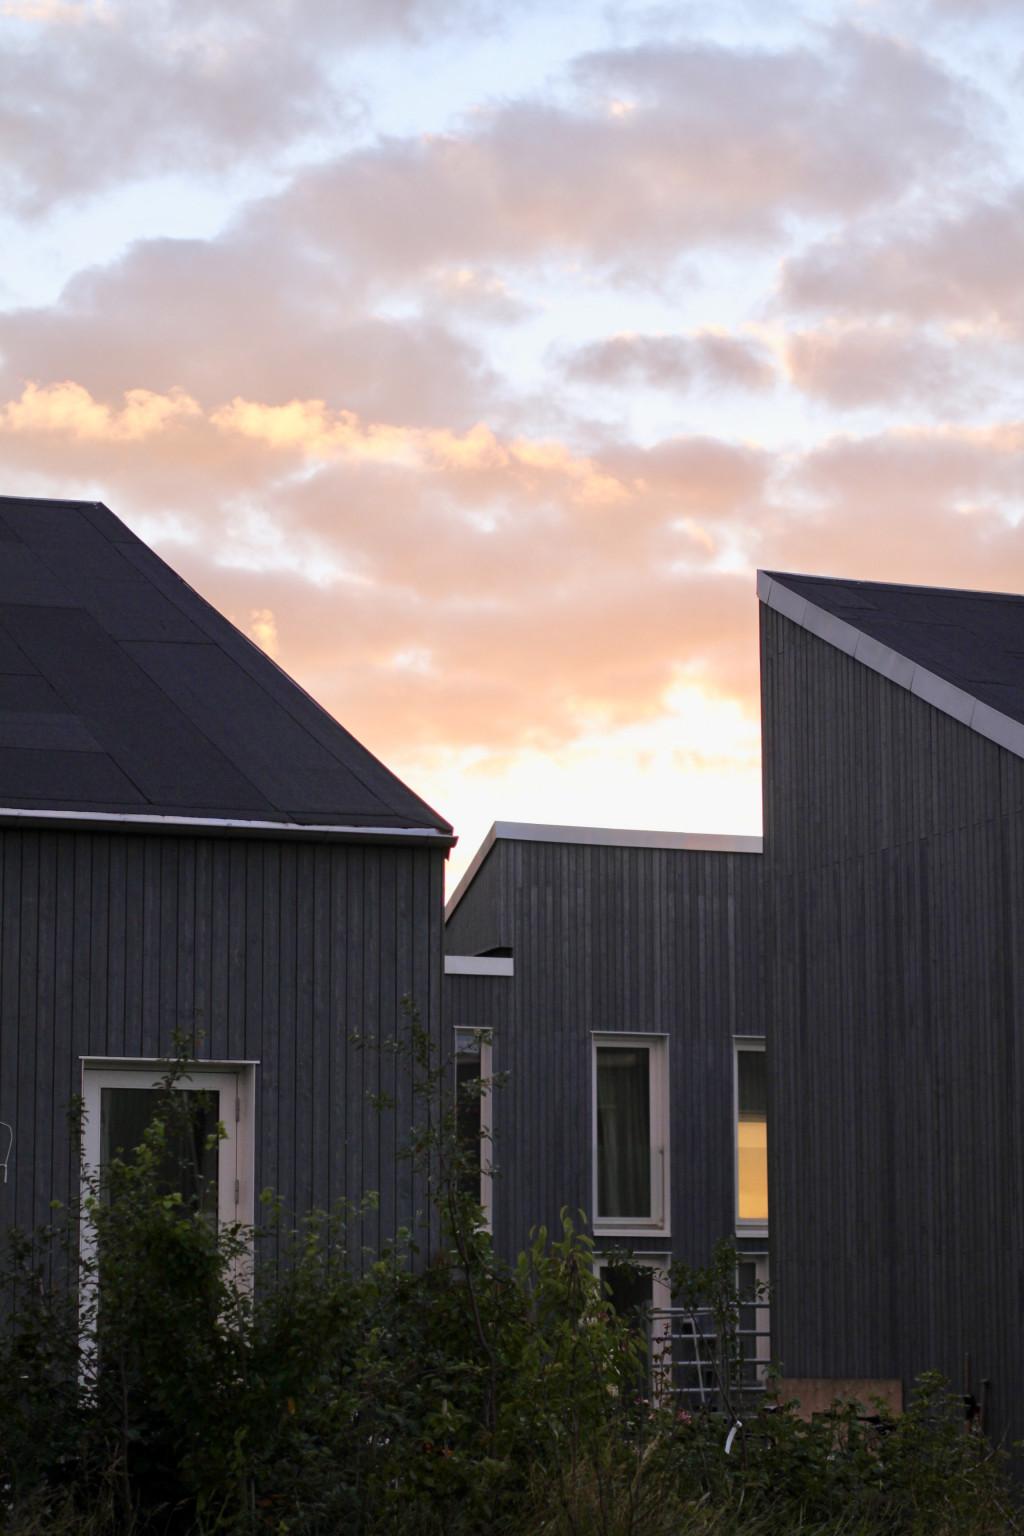 Nybygget arkitekttegnet rækkehus i bæredygtigt bofællesskab. - fullsizeoutput_1e1d_e19d7e55f59e99284fcb803653993c19